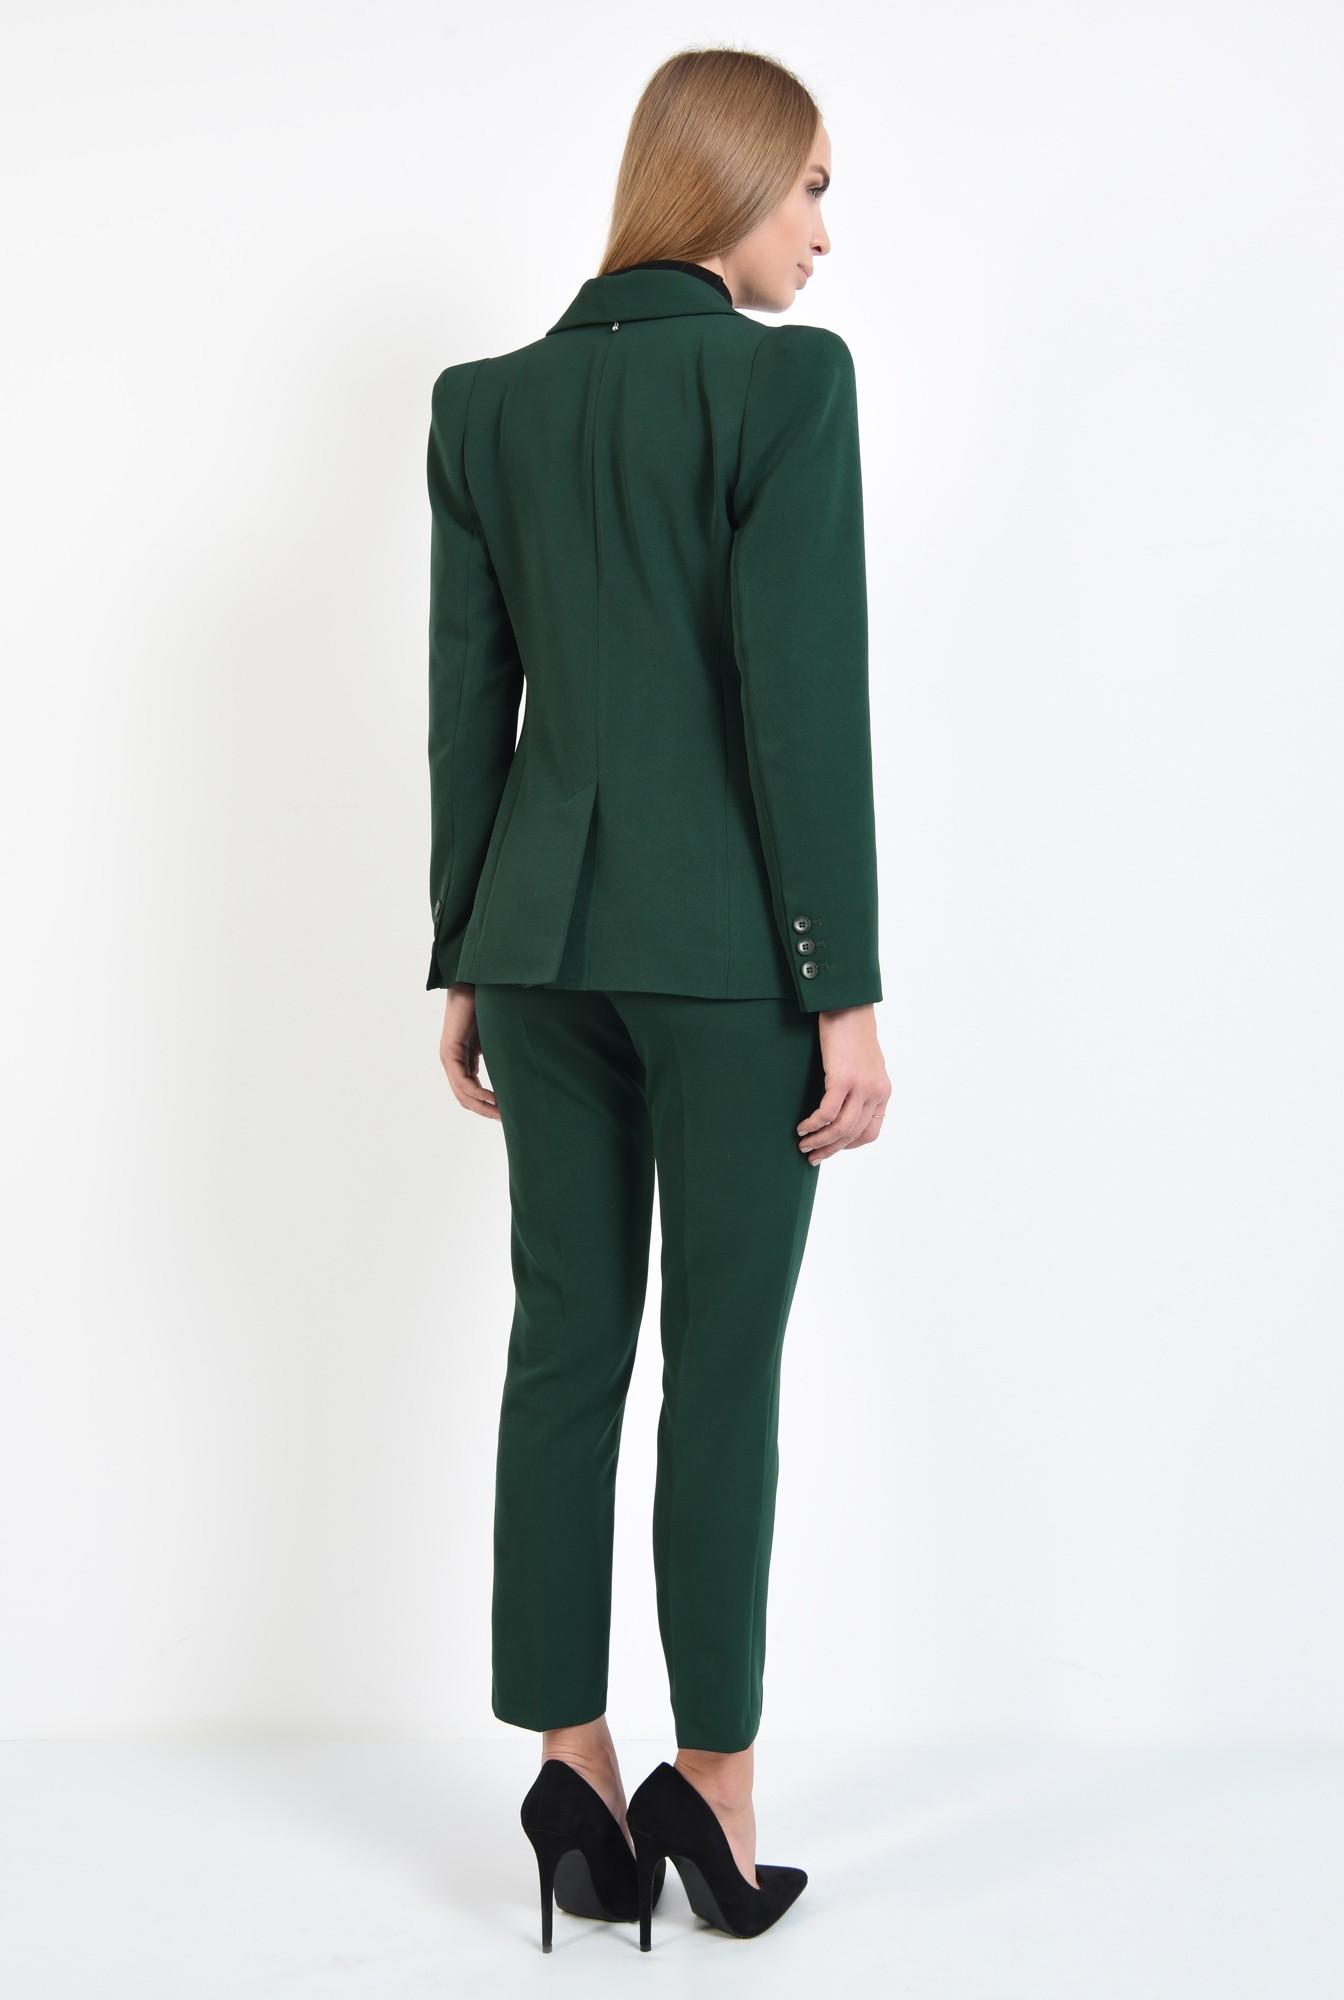 1 - 360 - pantaloni de toamna, tesatura texturata, croi pana, talie medie